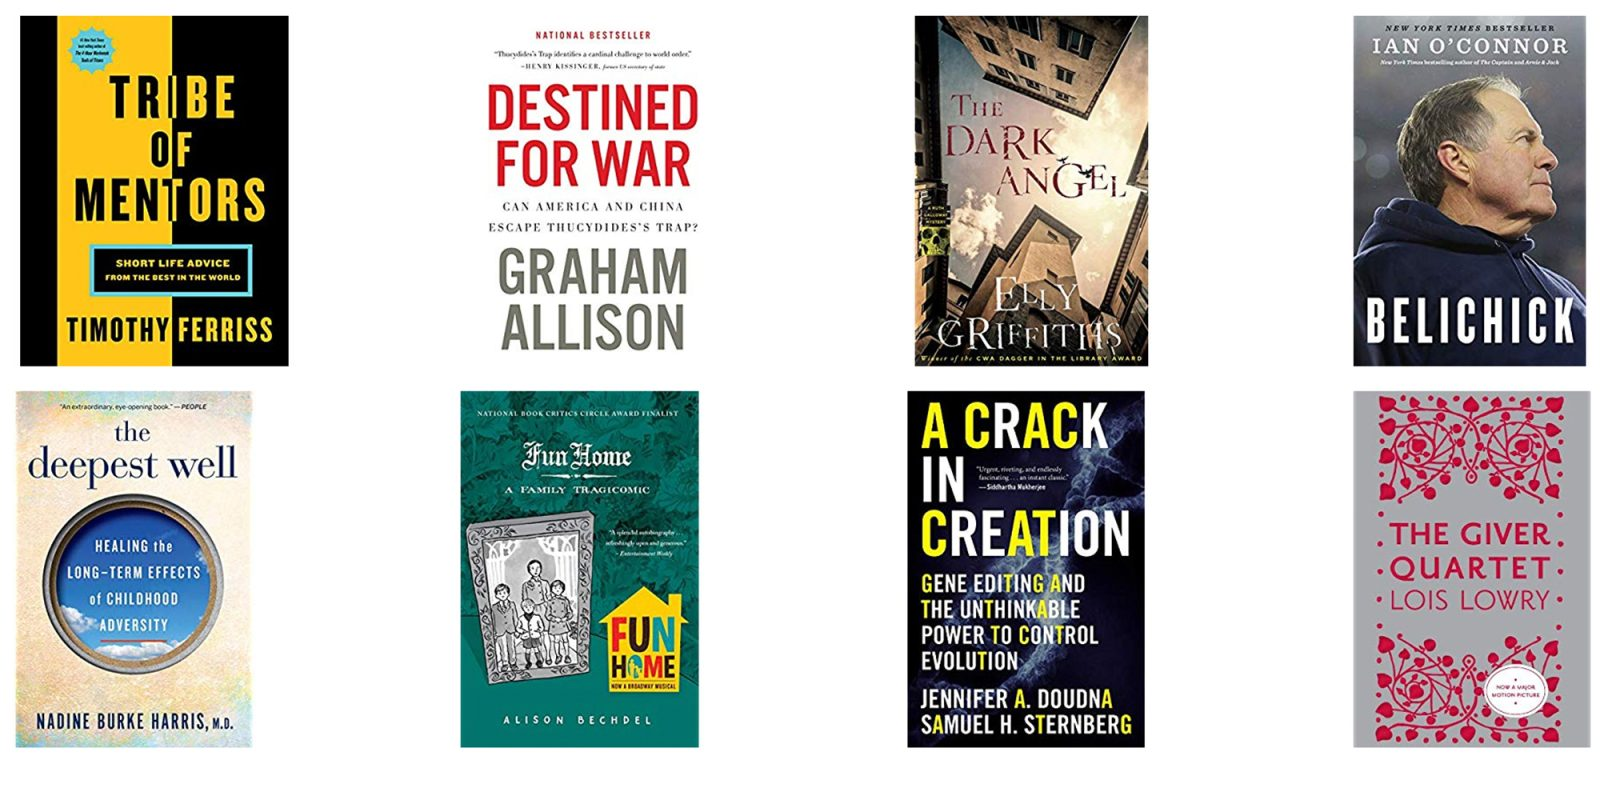 amazon kindle best sellers